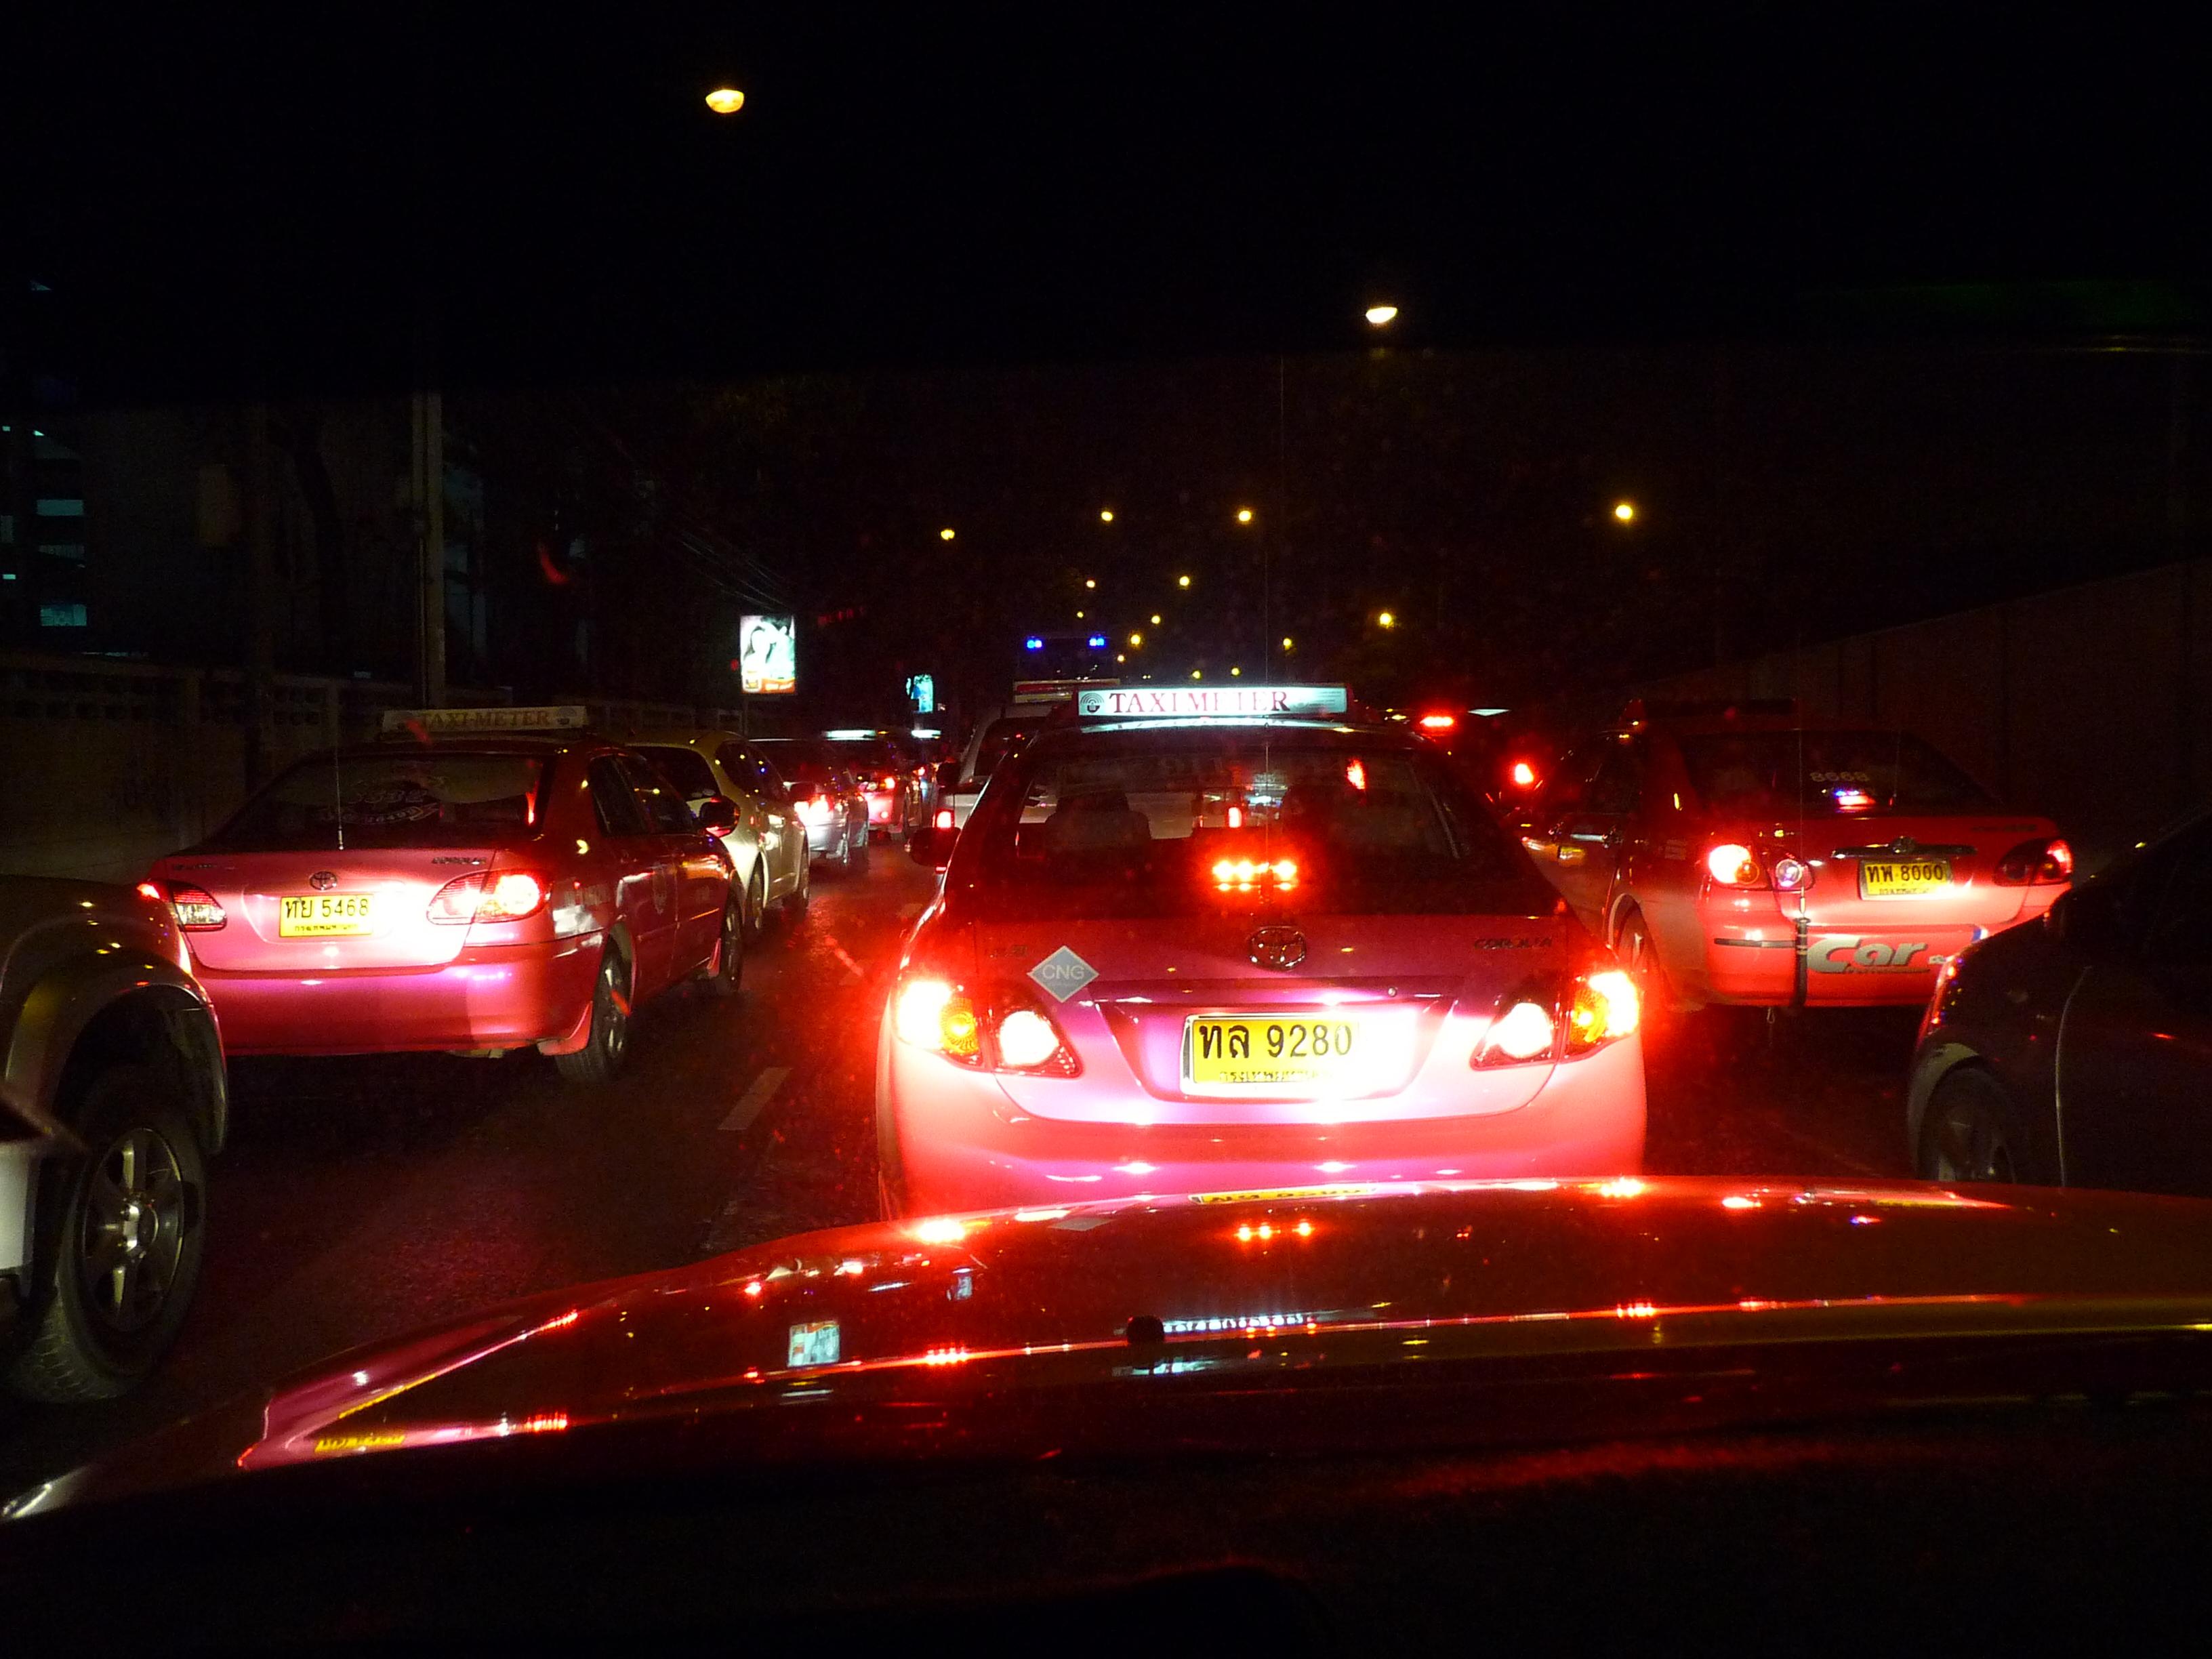 Traffic jam (One night in Bangkok)